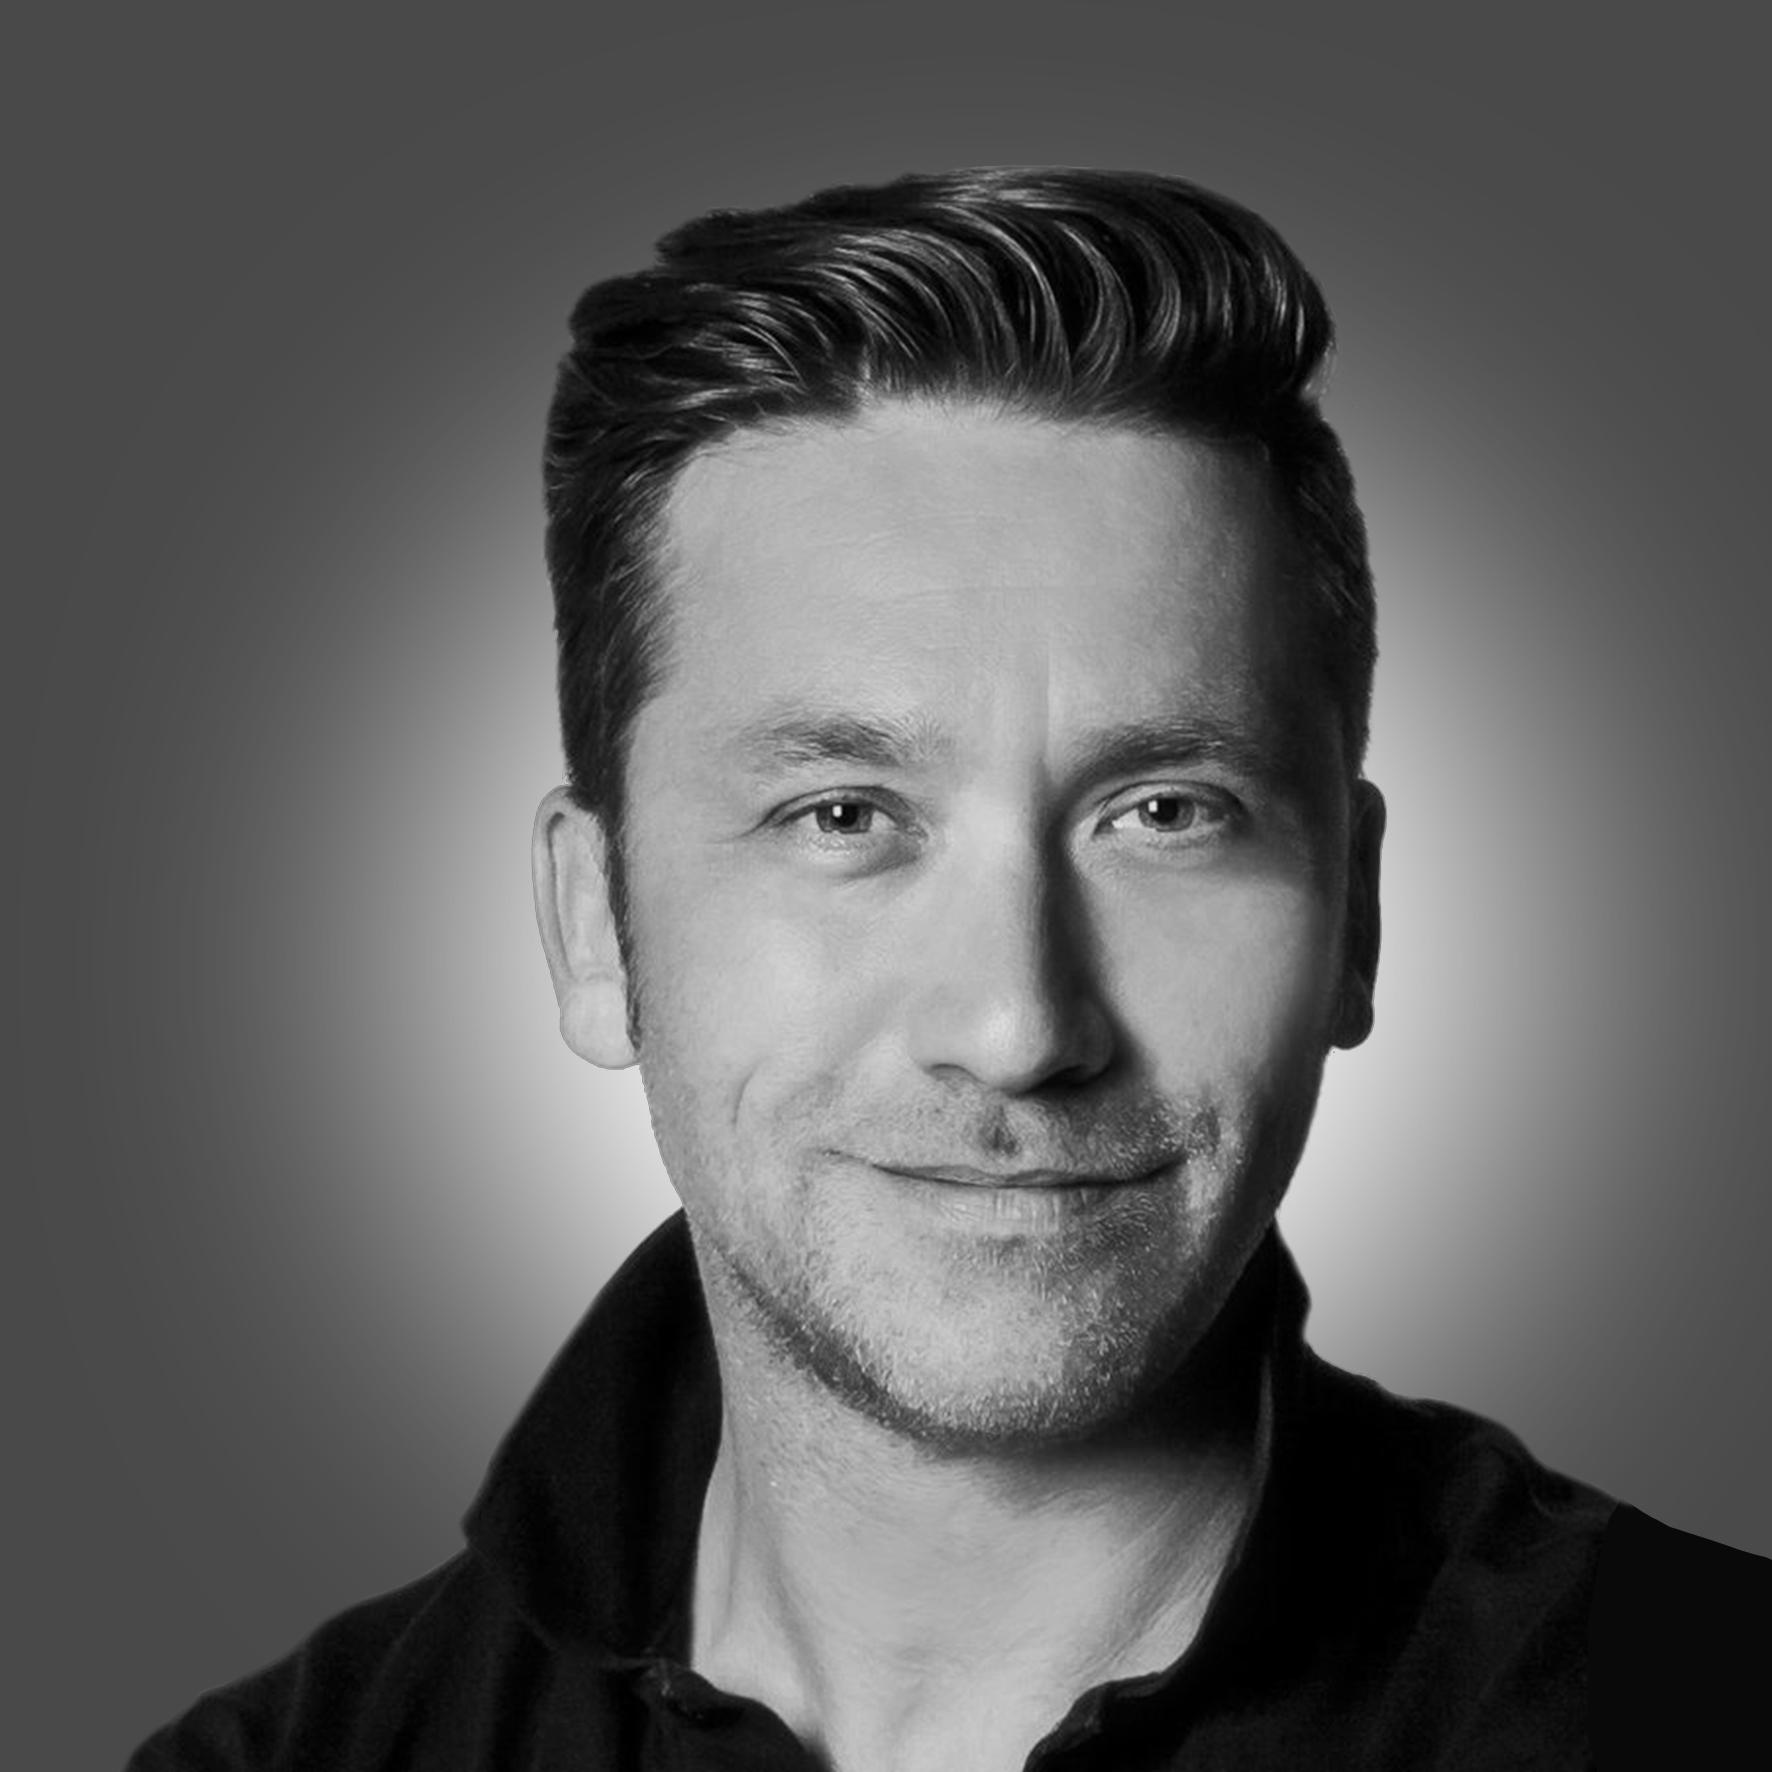 Patrick Hoevenaar